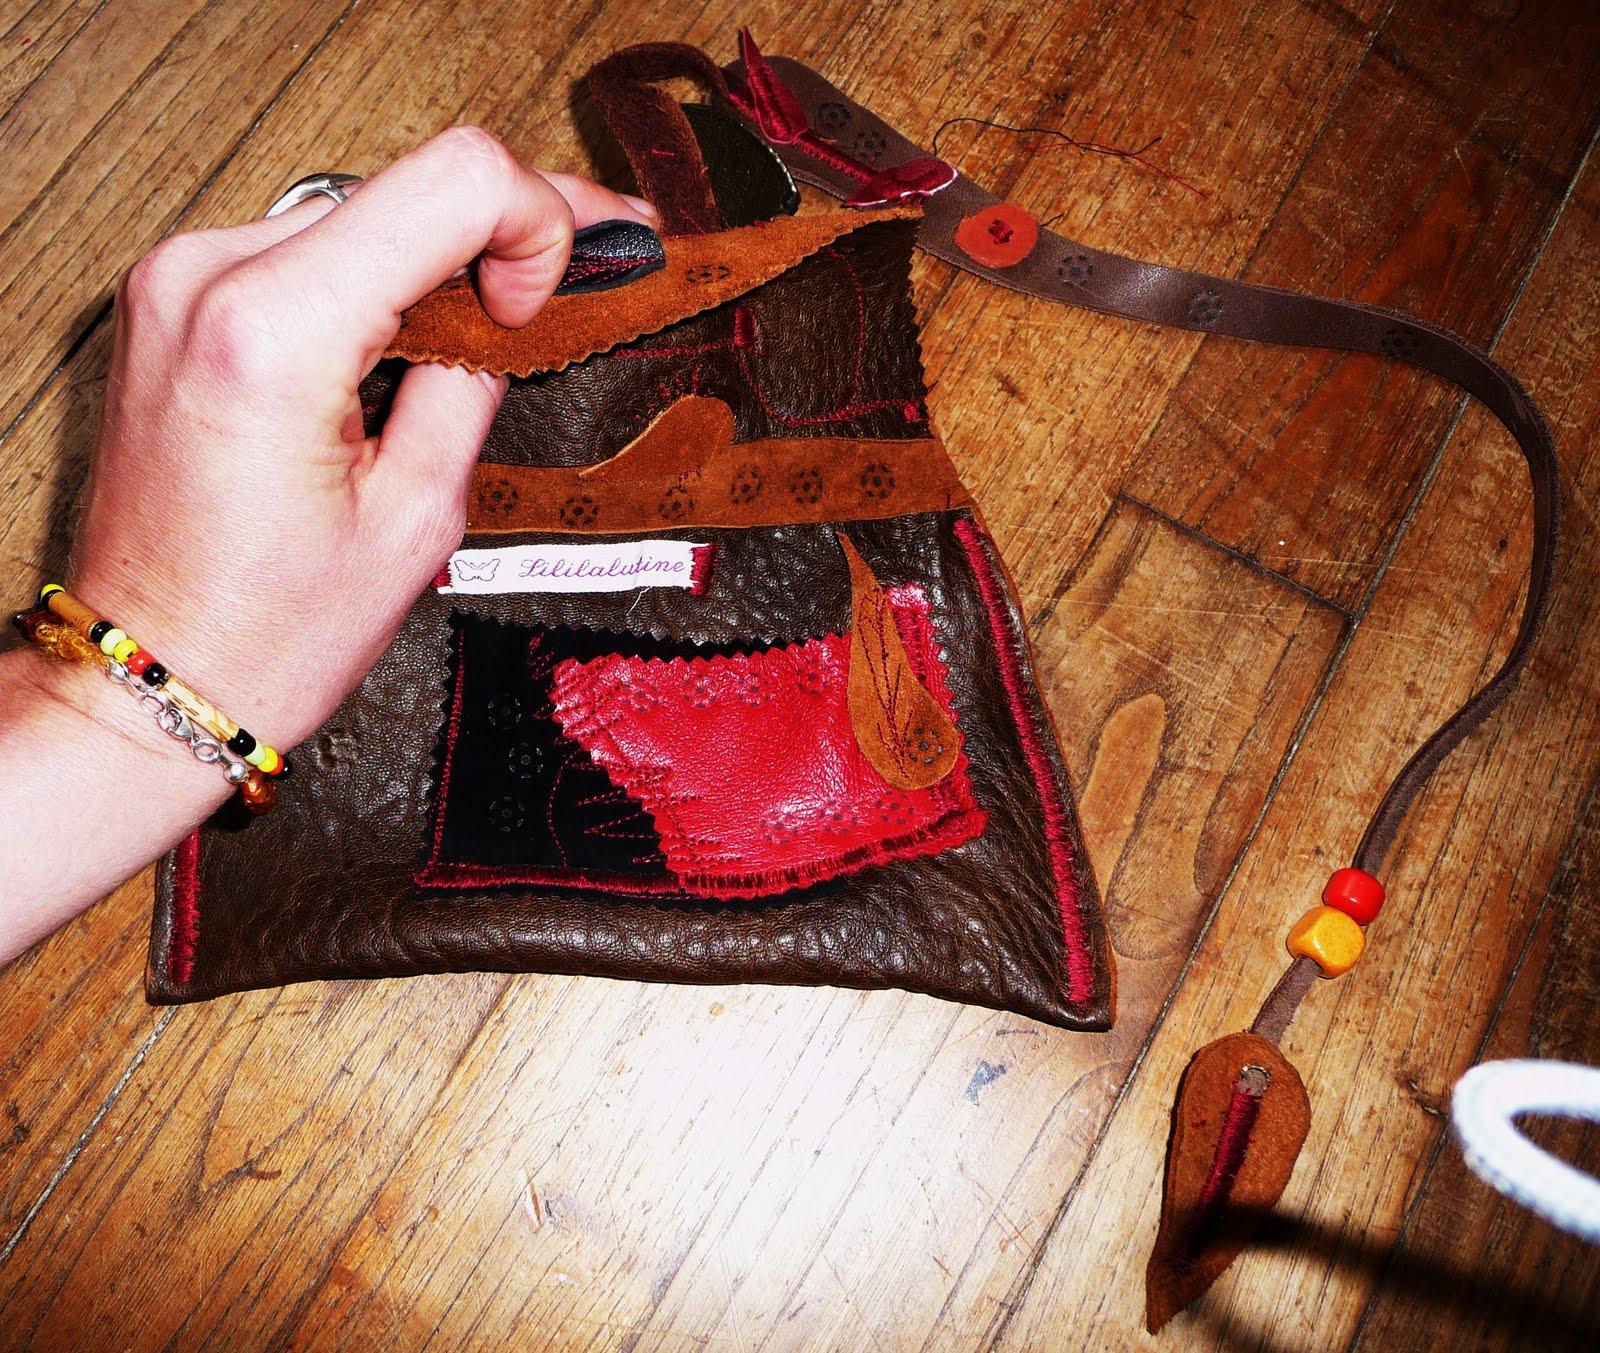 Blague tabac - Acheter des graines de tabac en france ...